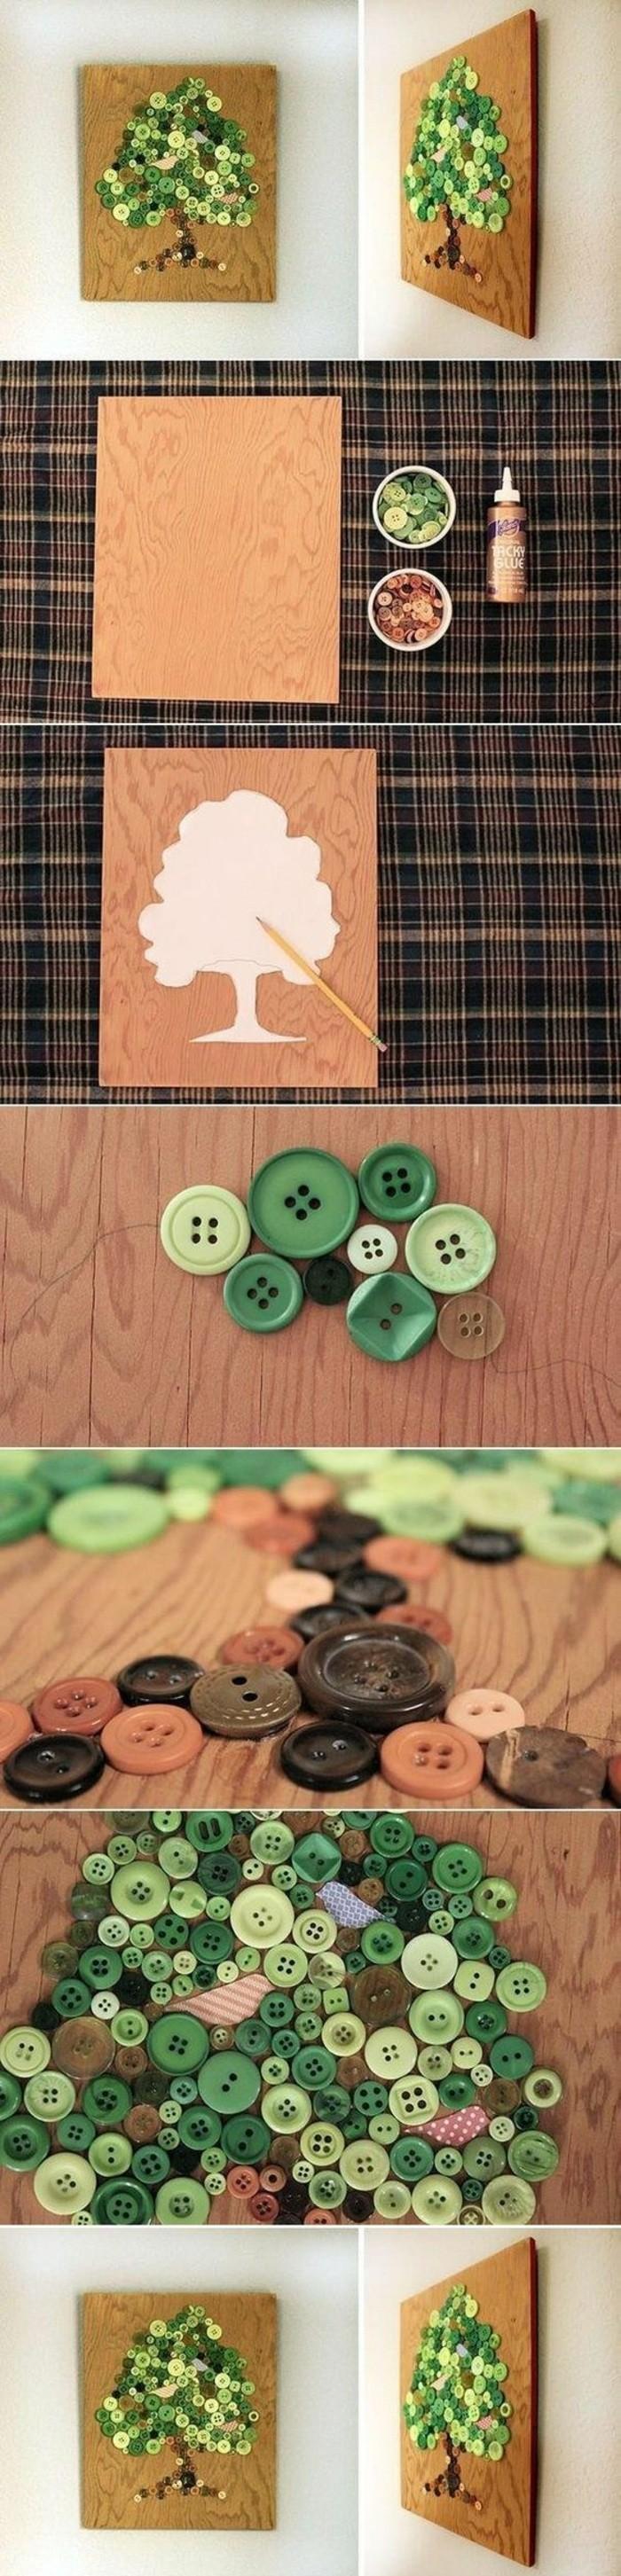 cuadro decorativo con materiales reciclados, pequeño cuadro decorado con botones reciclados